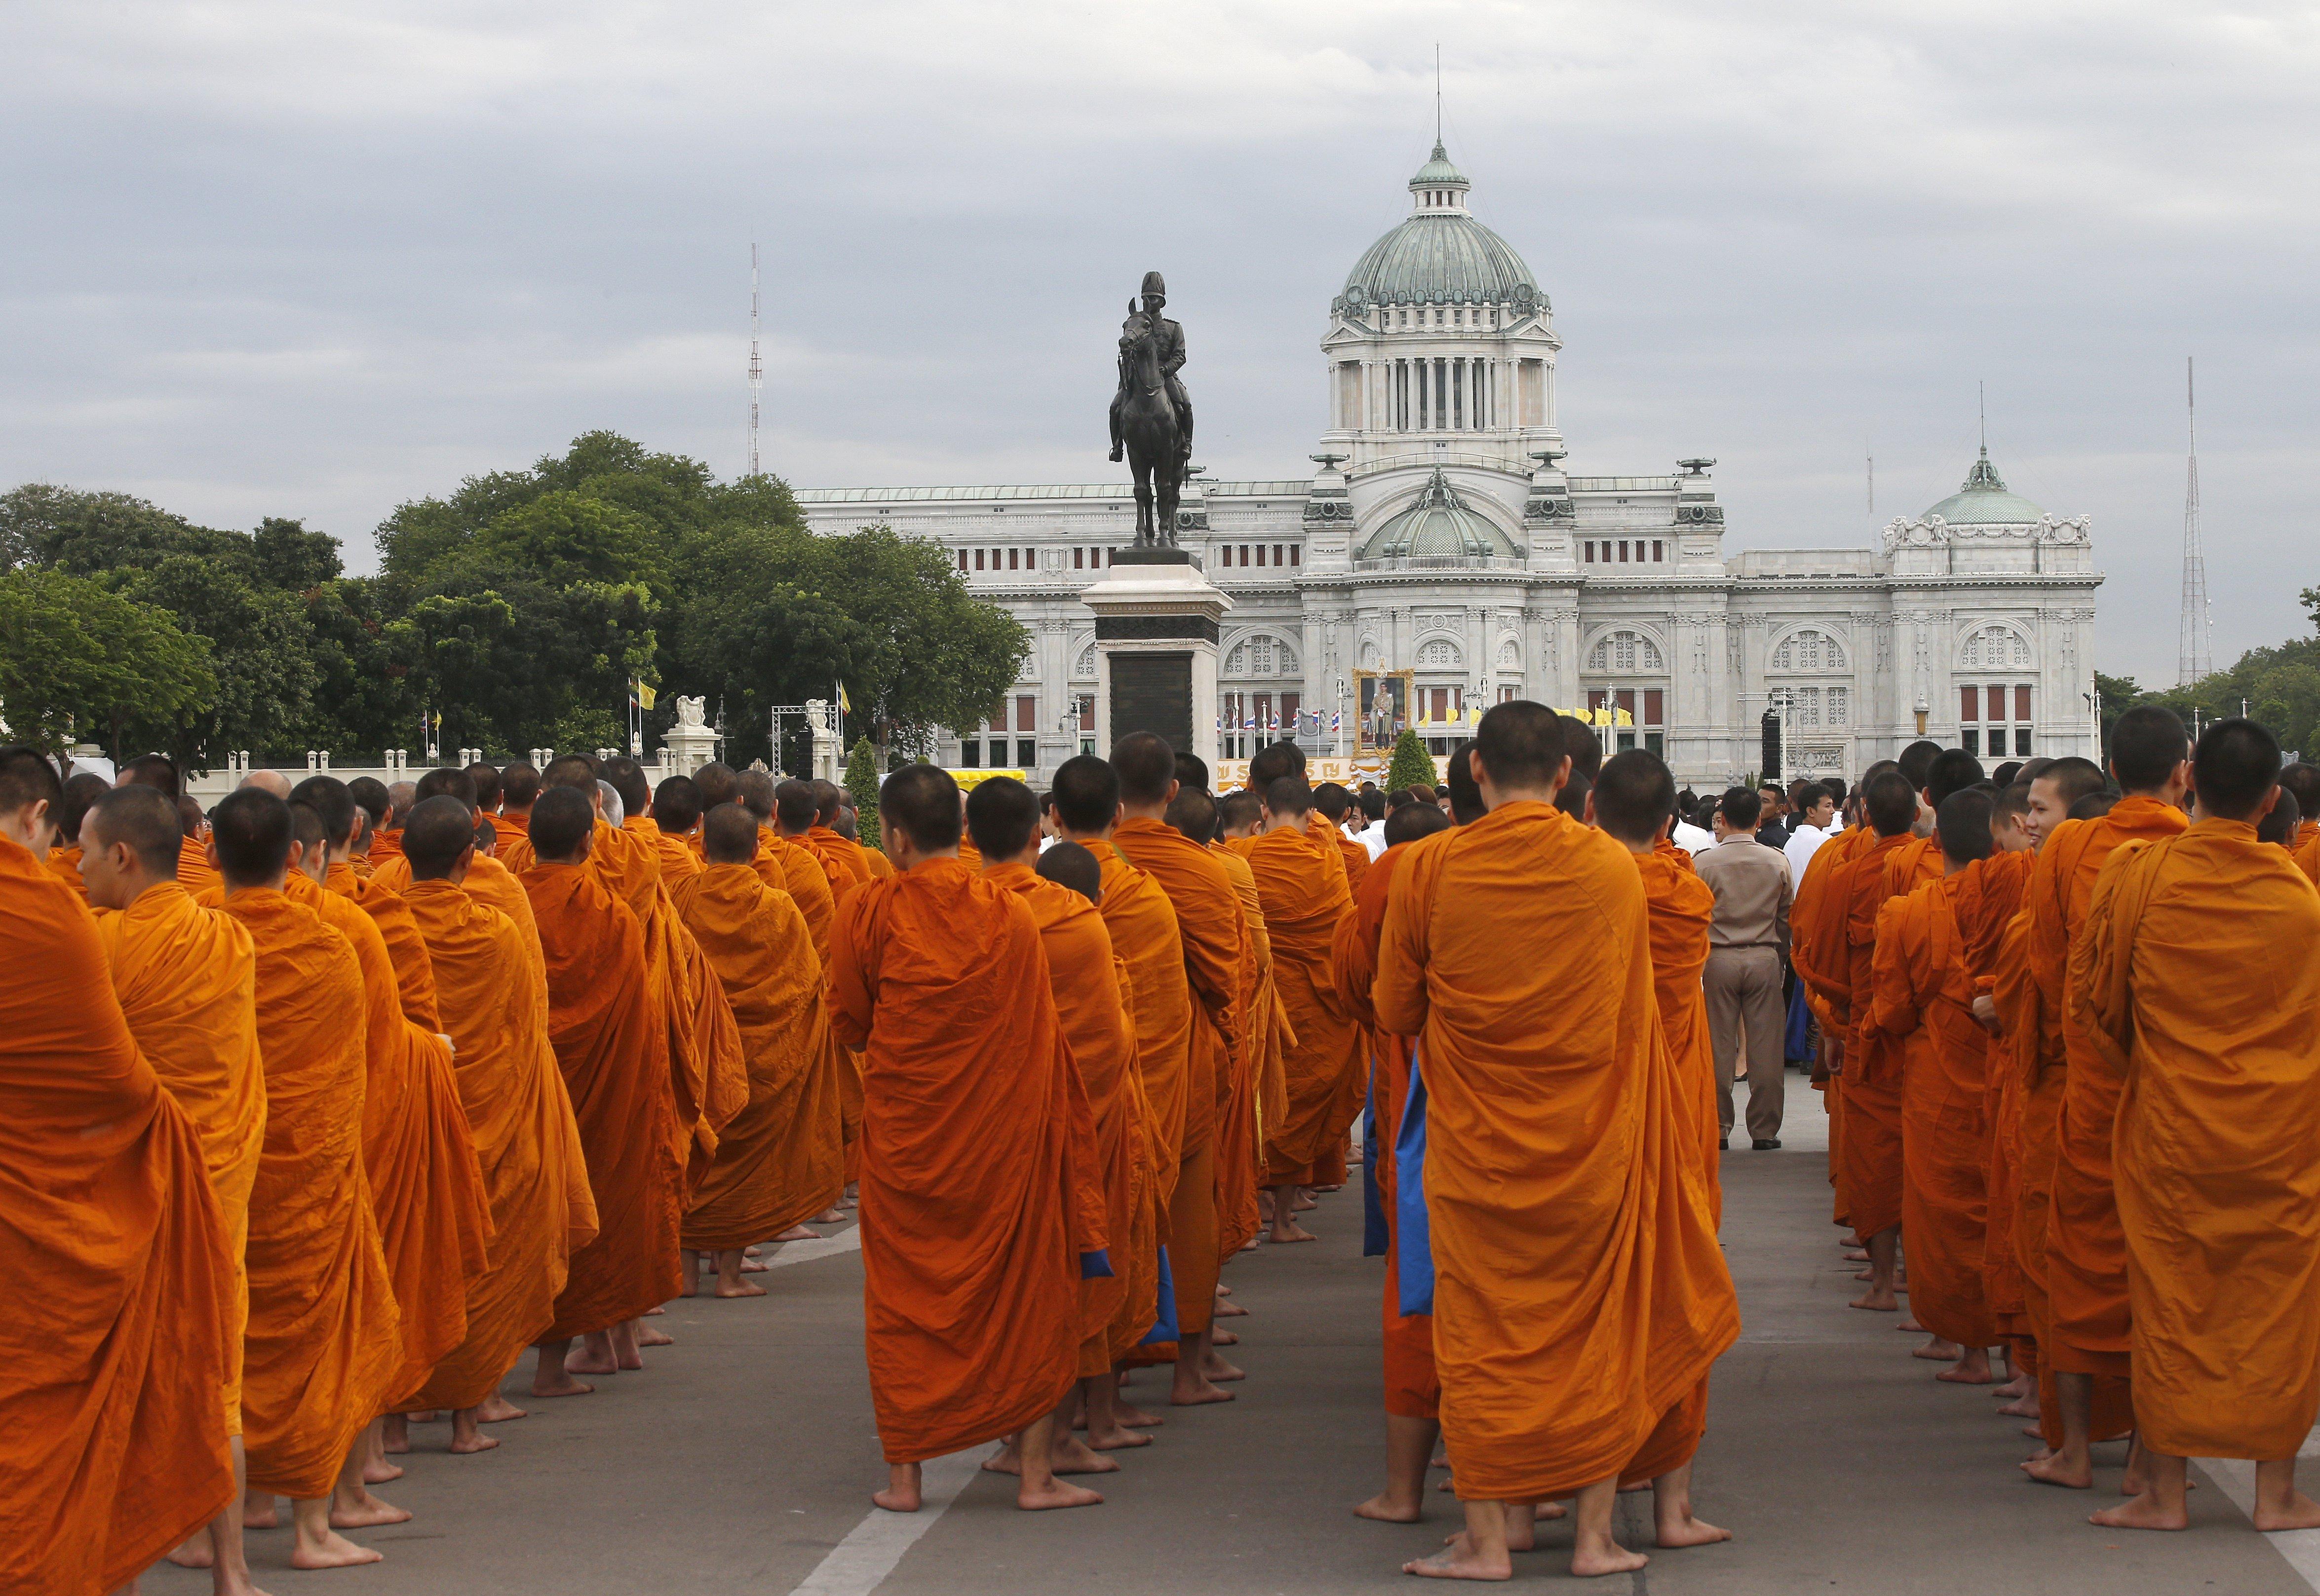 Monjos budistes tailandesos es reuneixen per recollir les almoines durant les celebracions del 65 aniversari del rei tailandès Maha Vajiralongkorn Bodindradebayavarangkun. /NARONG SANGNAK